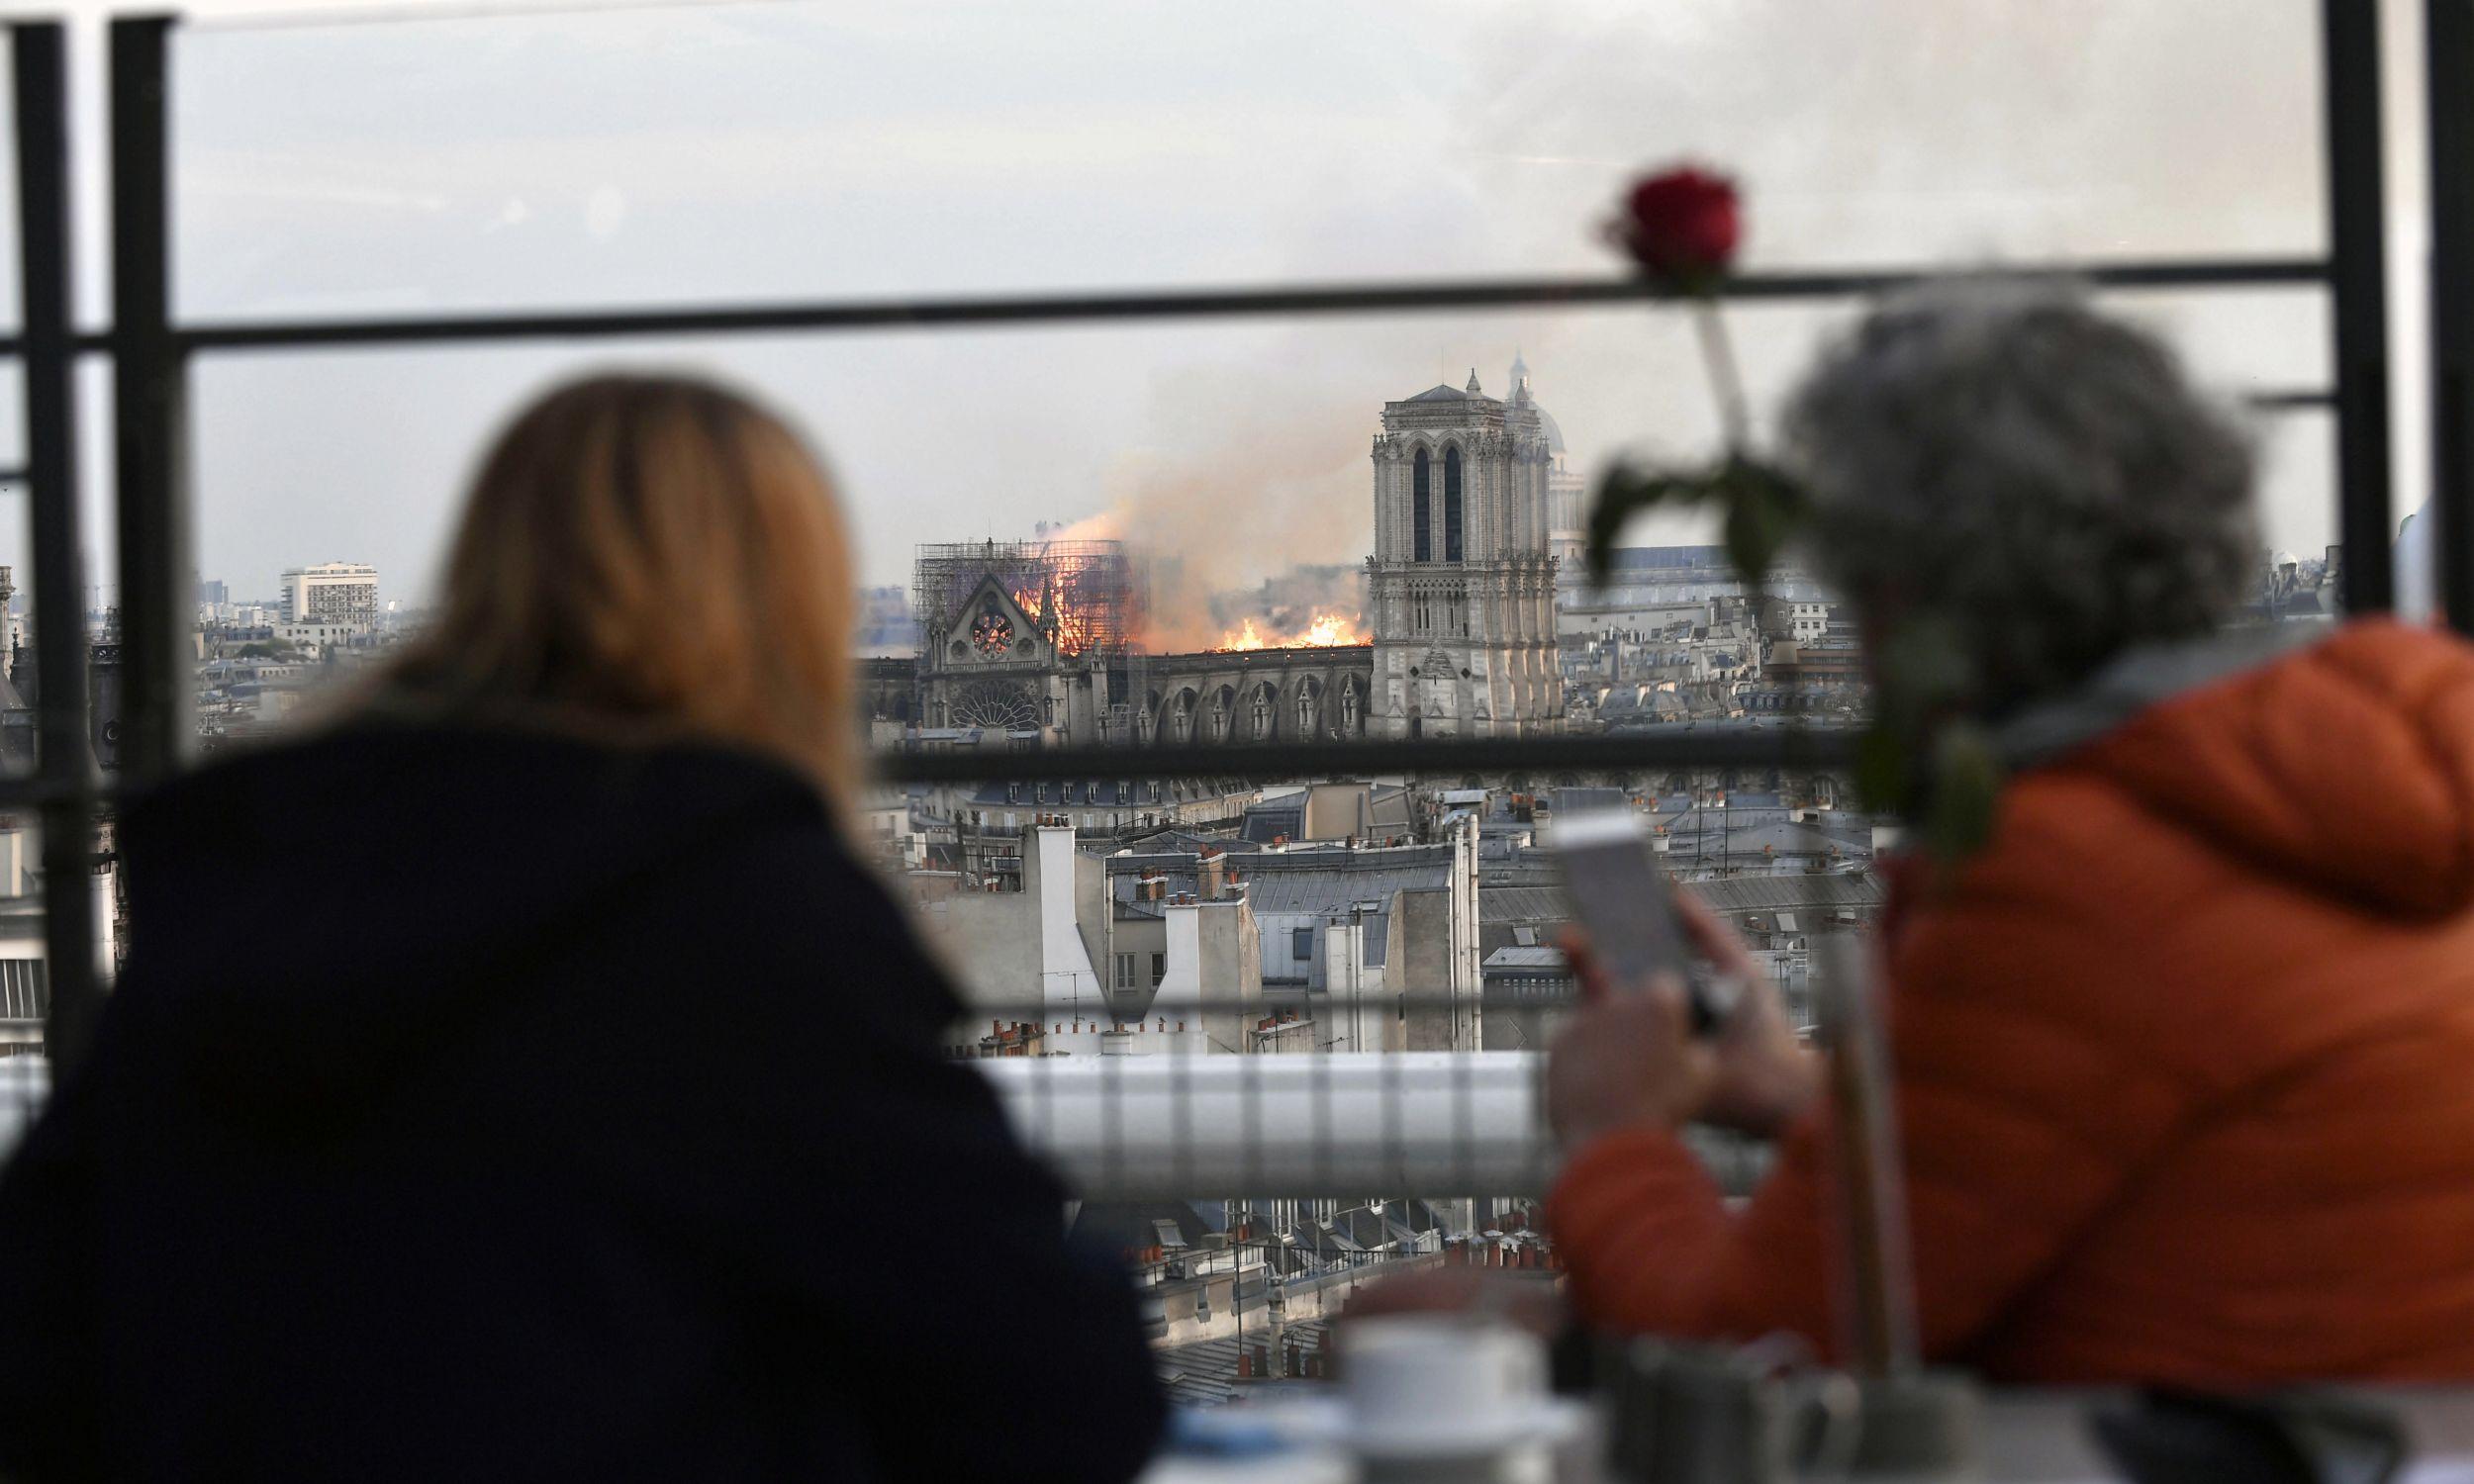 Pożar z perspektywy widza. Fot. Julien de Rosa/PAP/EPA